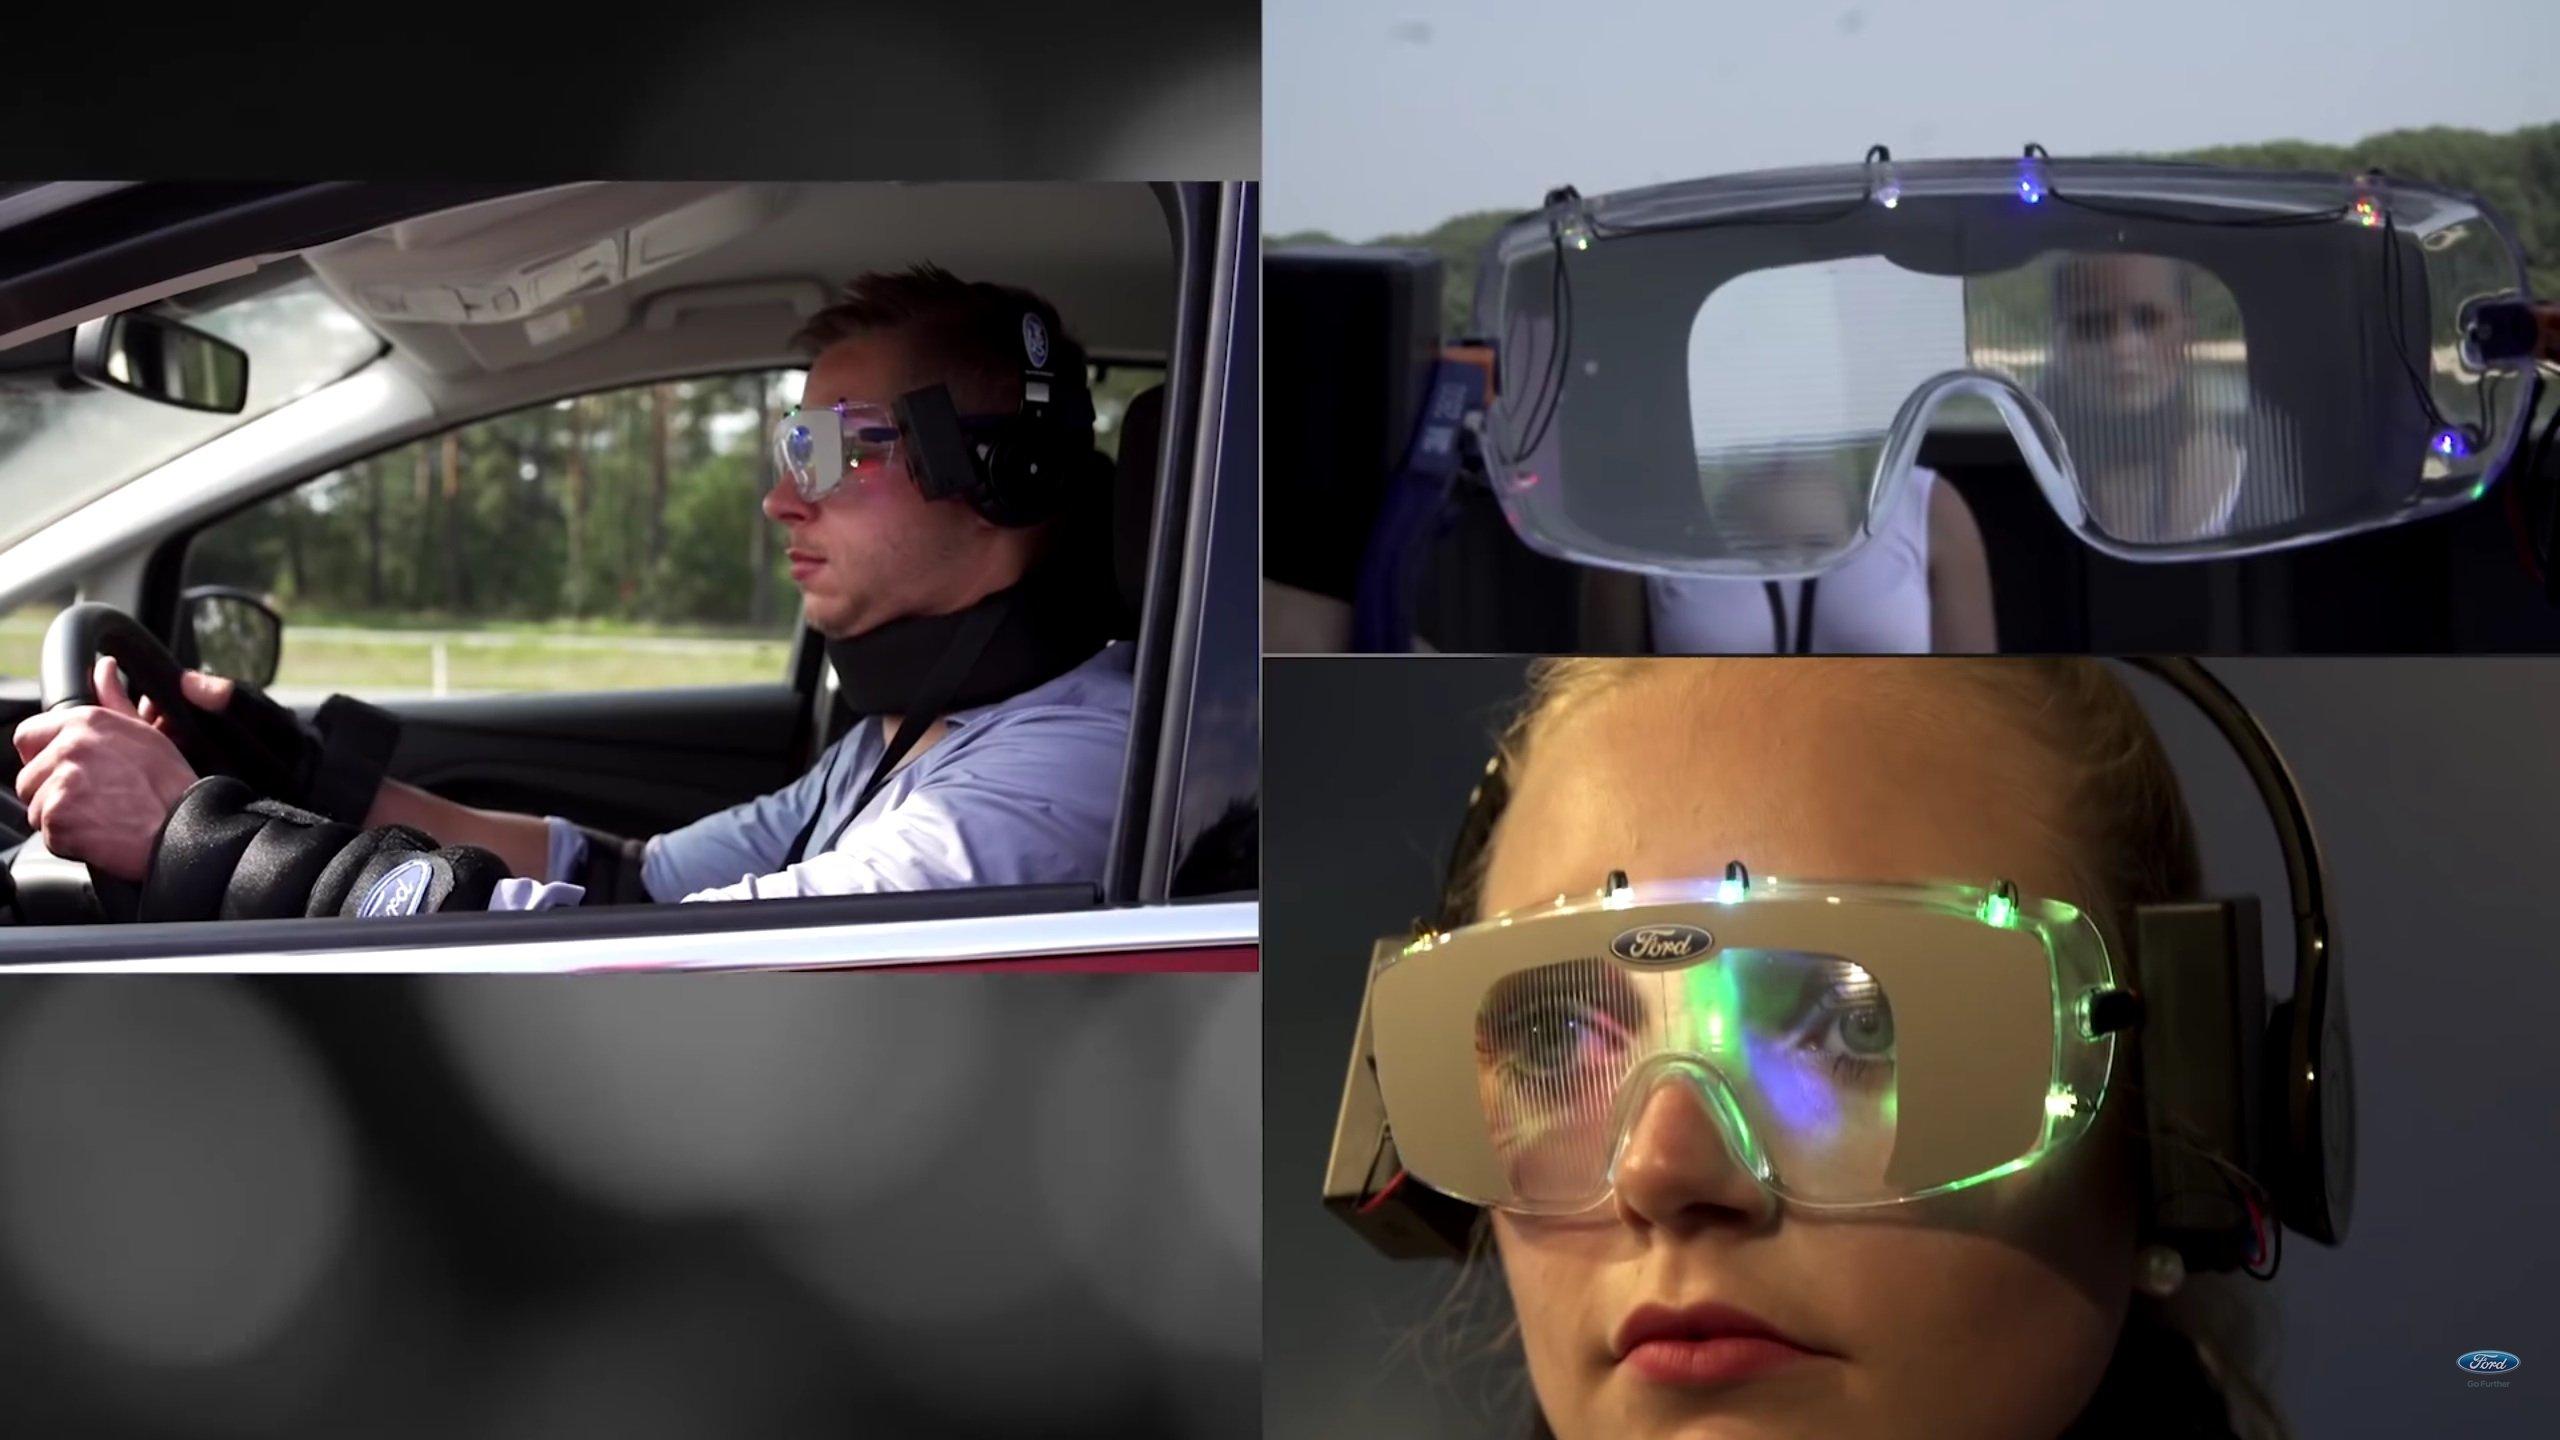 Auch das Blickfeld eines Autofahrers ist unter Drogen stark eingeschränkt. Außerdem kann man die Umgebung oft nur noch verzerrt sehen. Das simuliert die spezielle Brille.